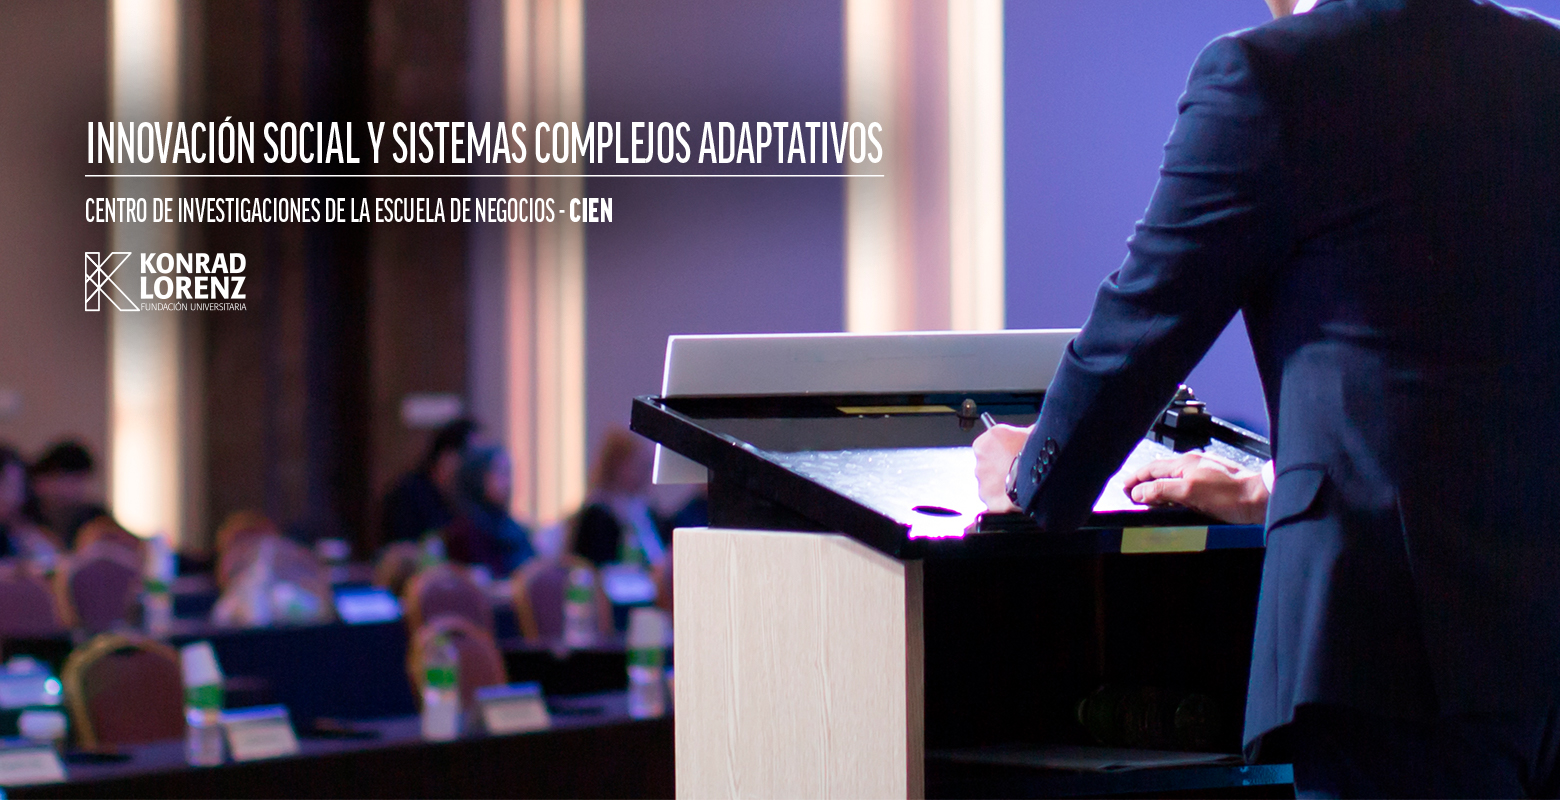 Innovación social y sistemas complejos adaptativos